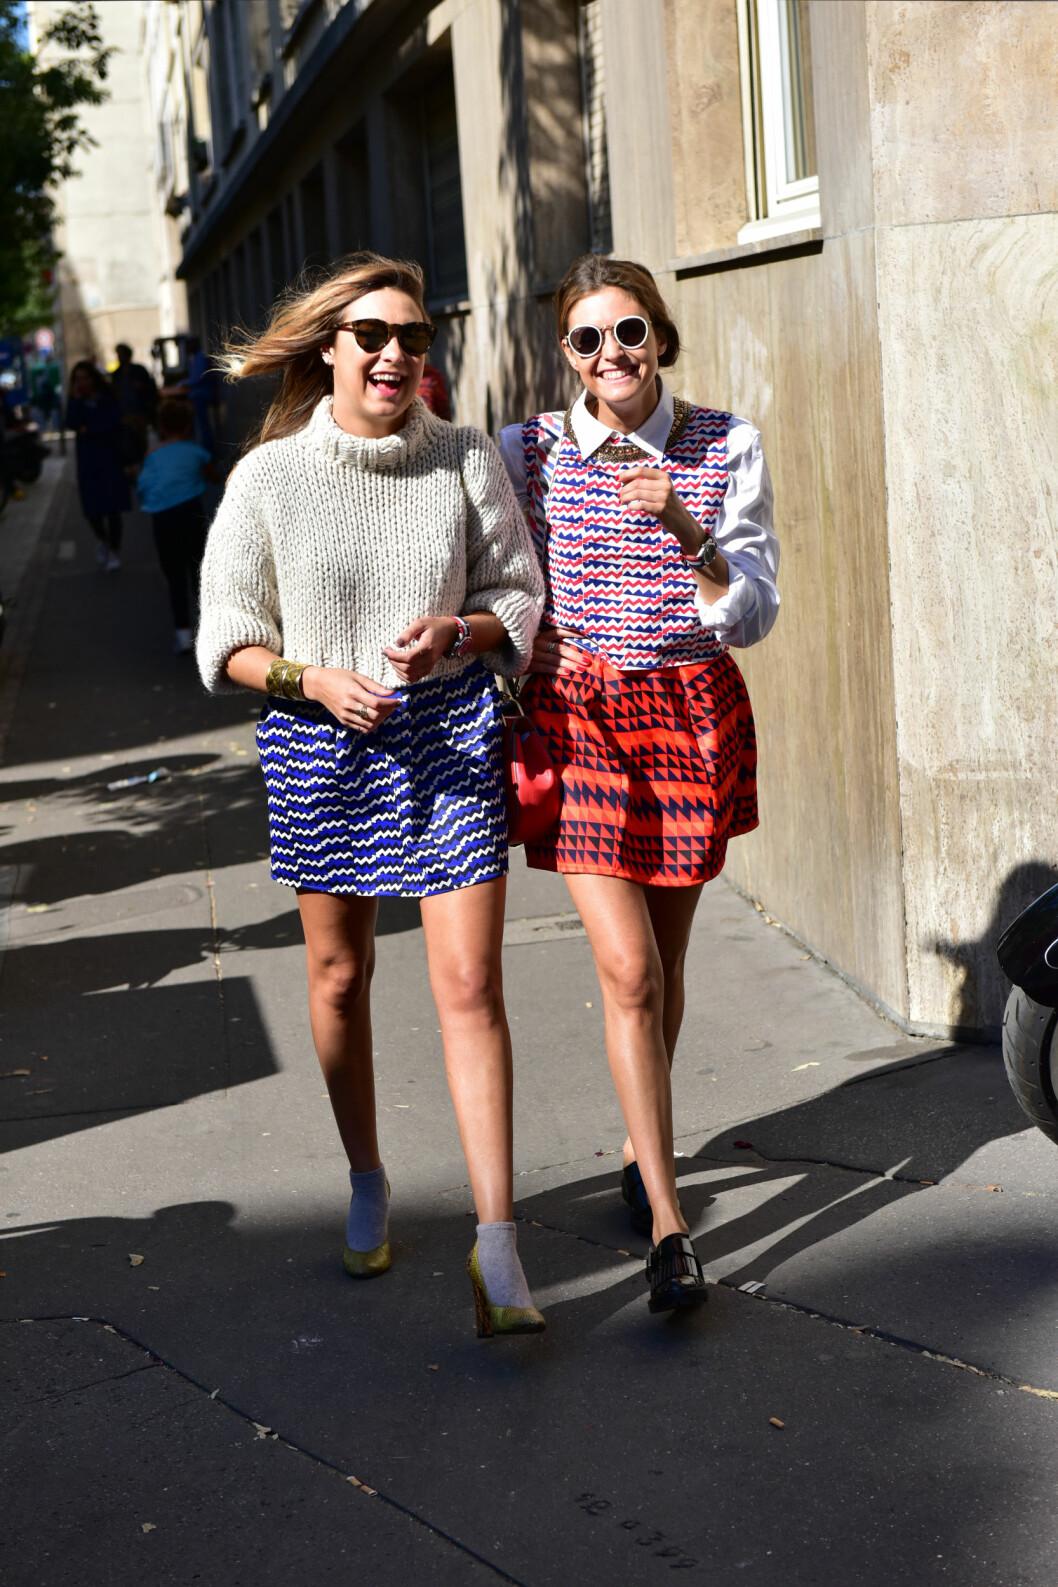 STYLINGMULIGHETER: Bruk miniskjørtet med en strikkagenser eller en søt bluse - her passer det meste! Foto: DPA